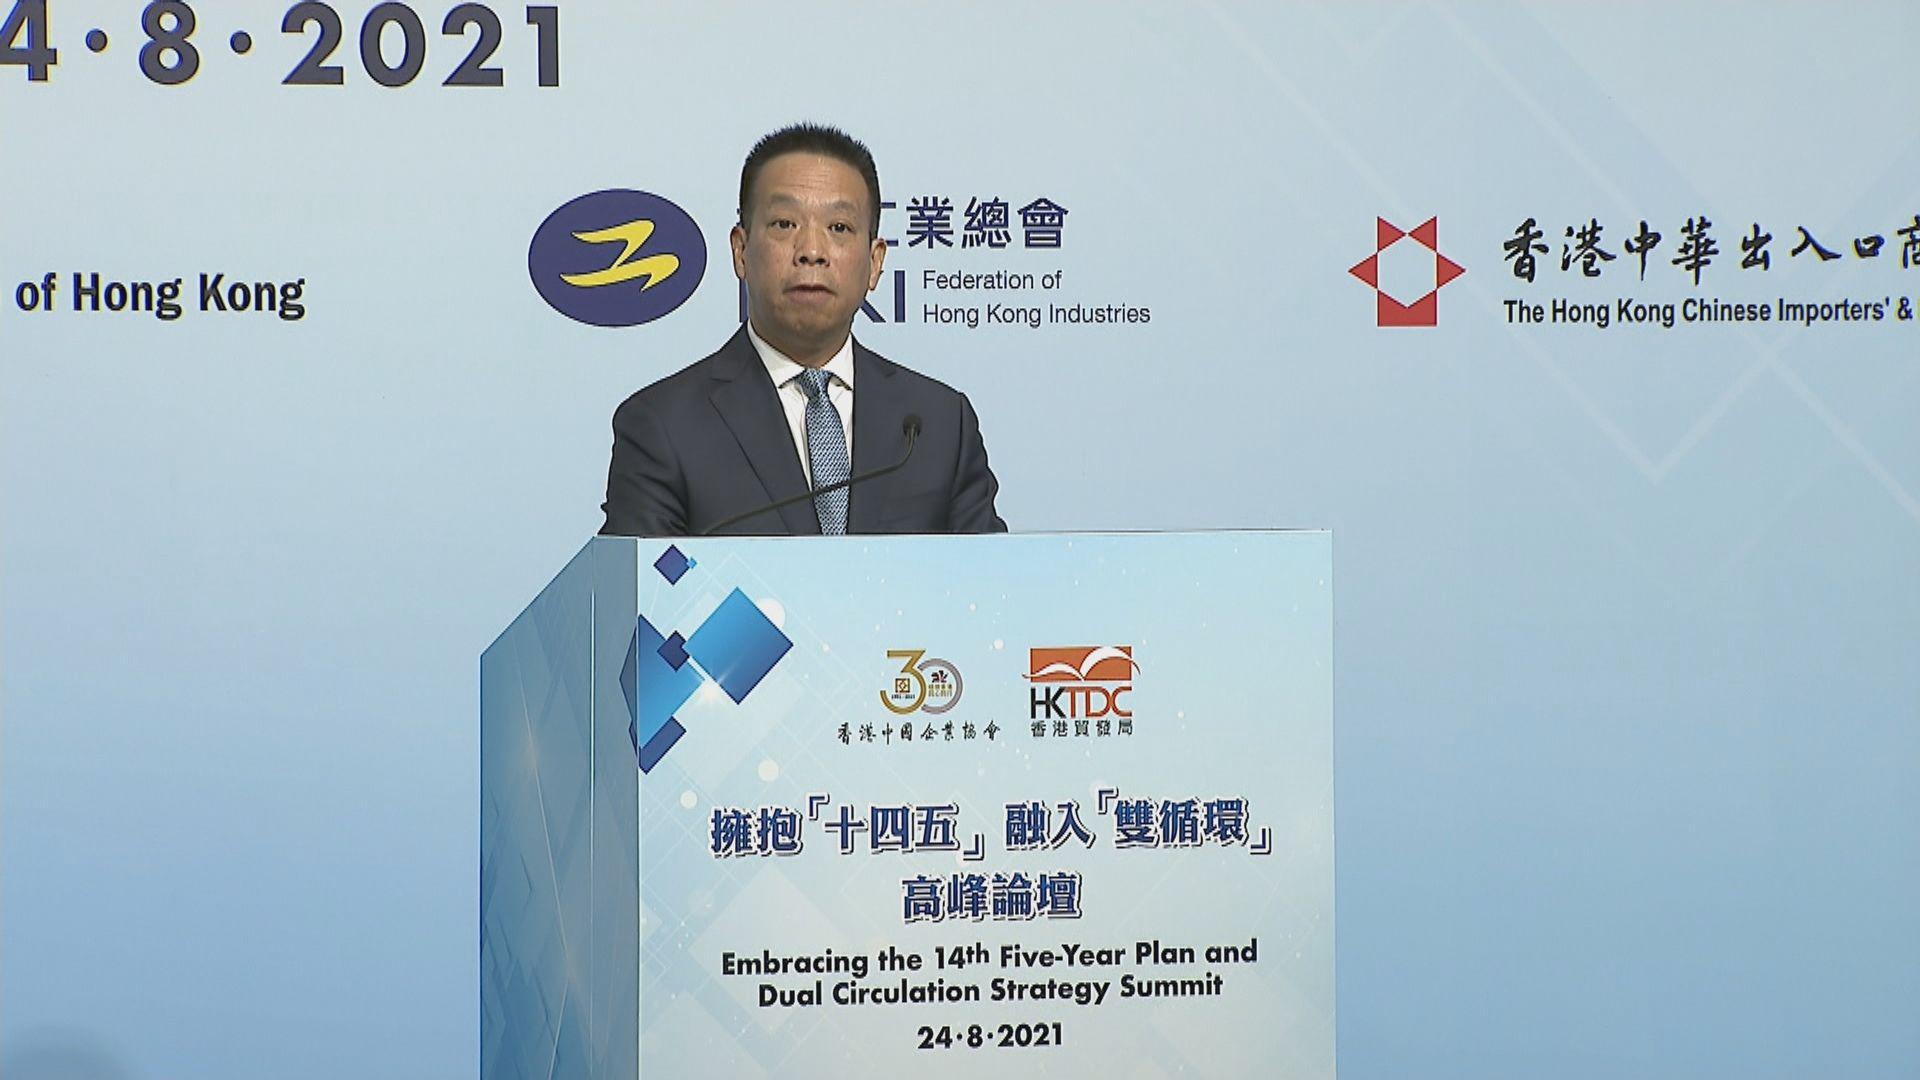 黃柳權指香港於改革開放地位獨特 倡更積極融入國家發展